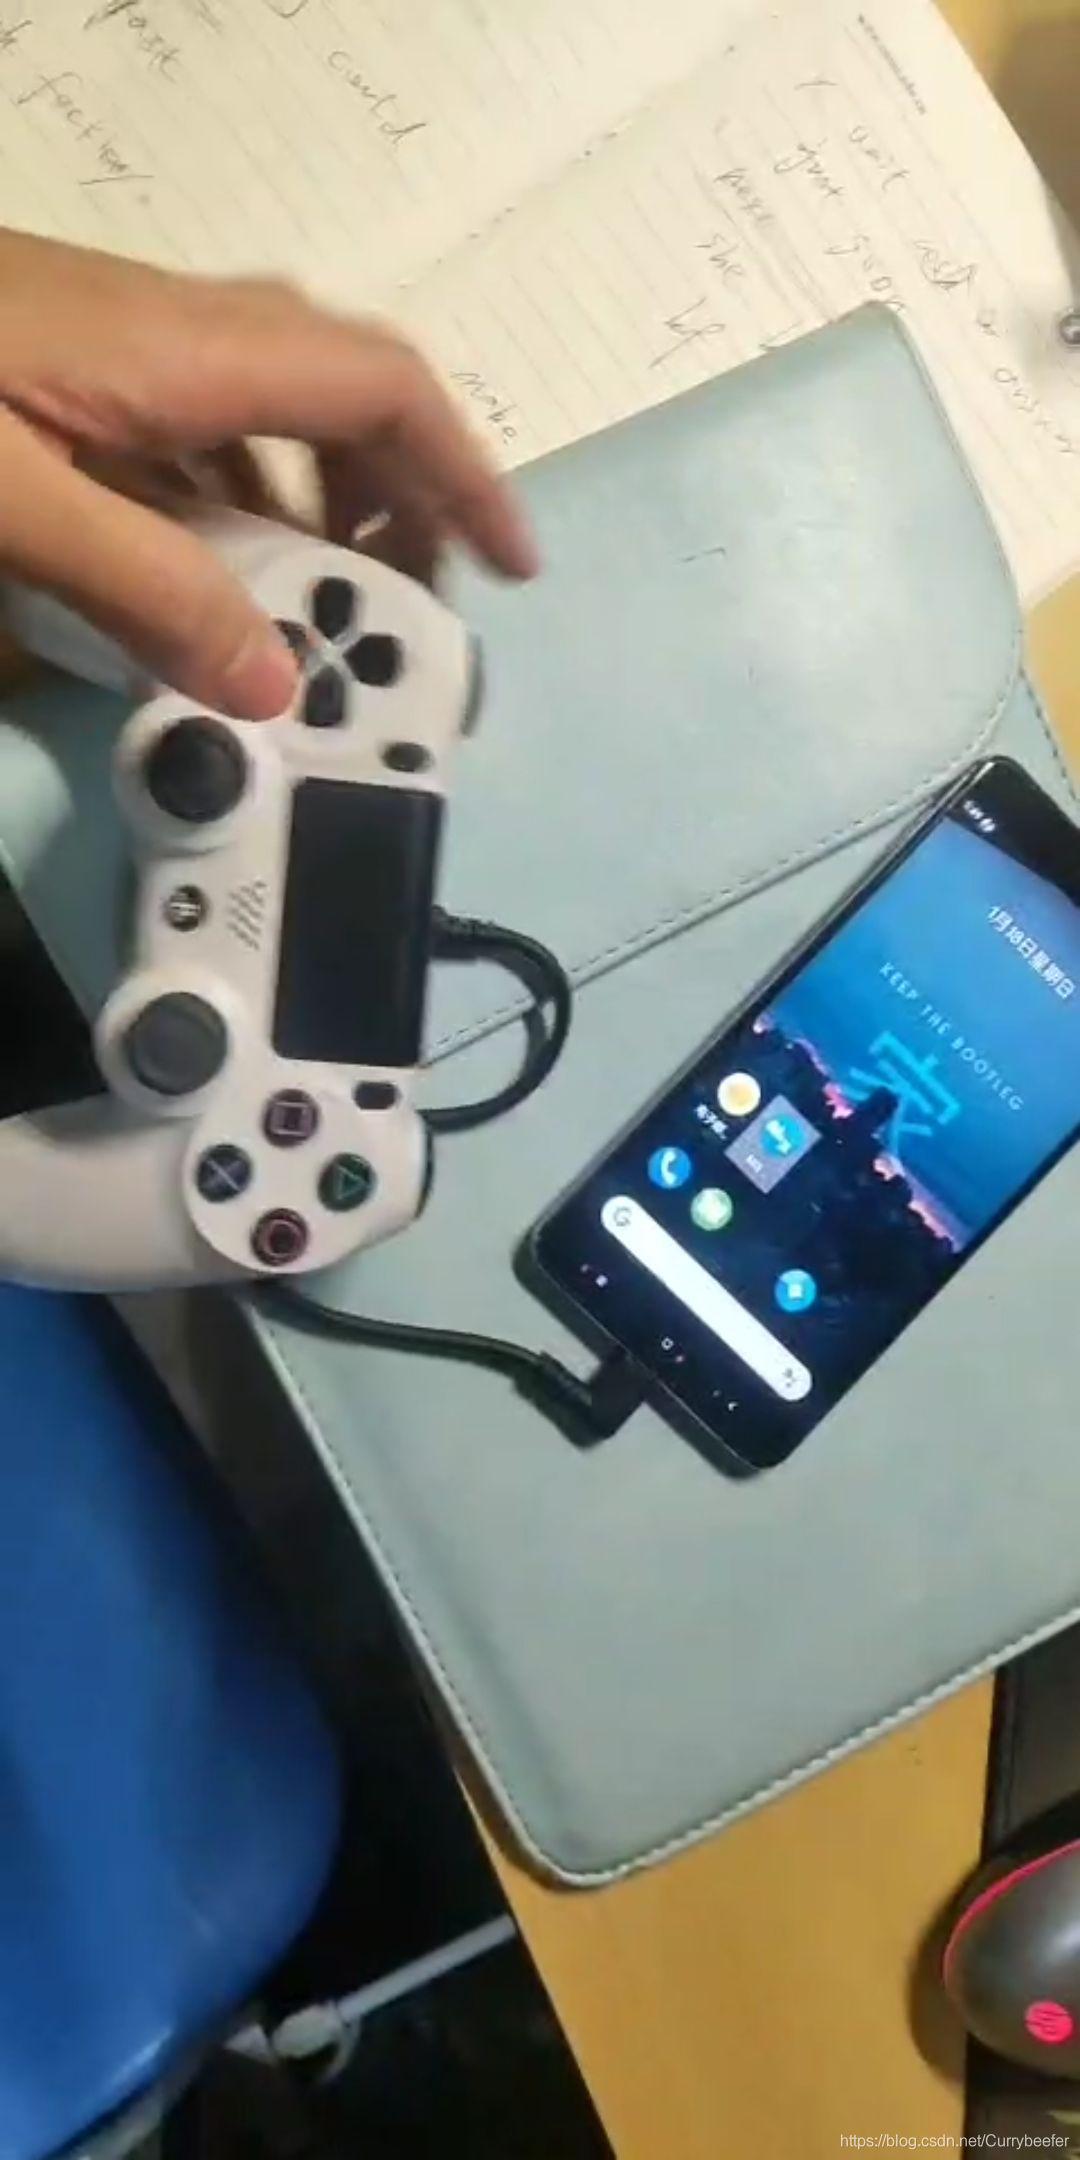 这时手柄已经可以操控手机了